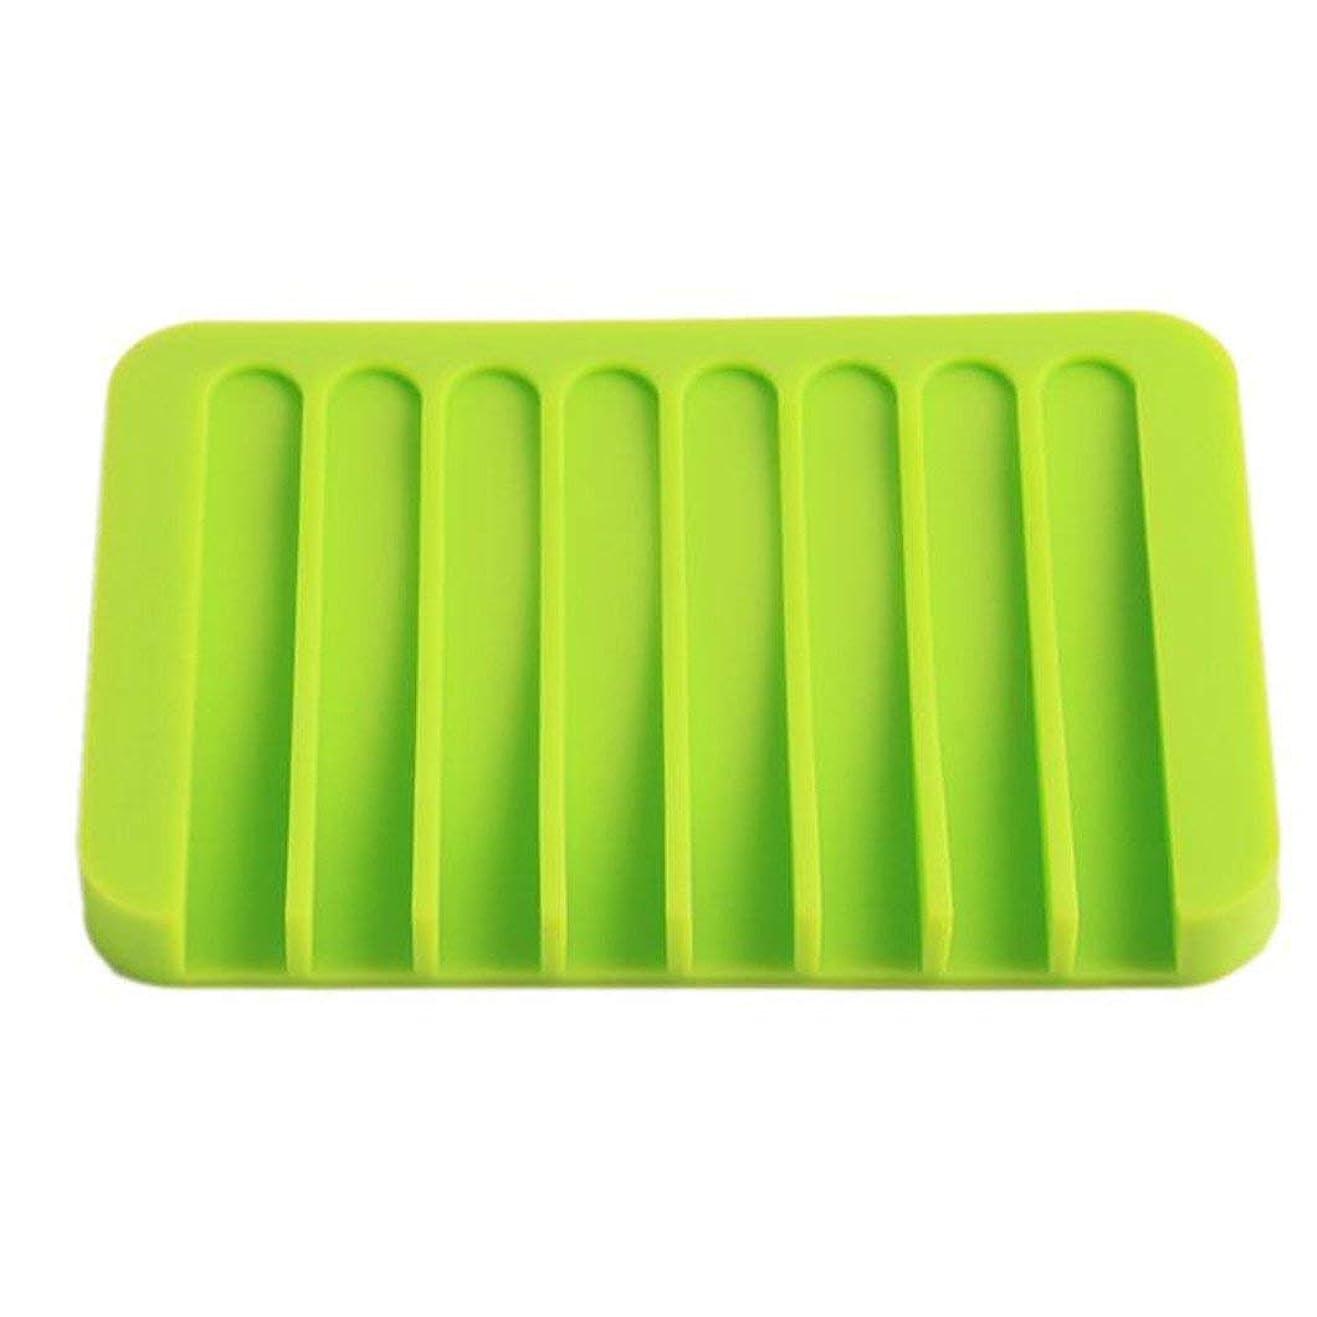 機会凍る合併症Onior プレミアム品質のシリコーン浴室柔軟な石鹸皿ソープホルダー収納ソープボックスプレートトレイ排水、グリーン